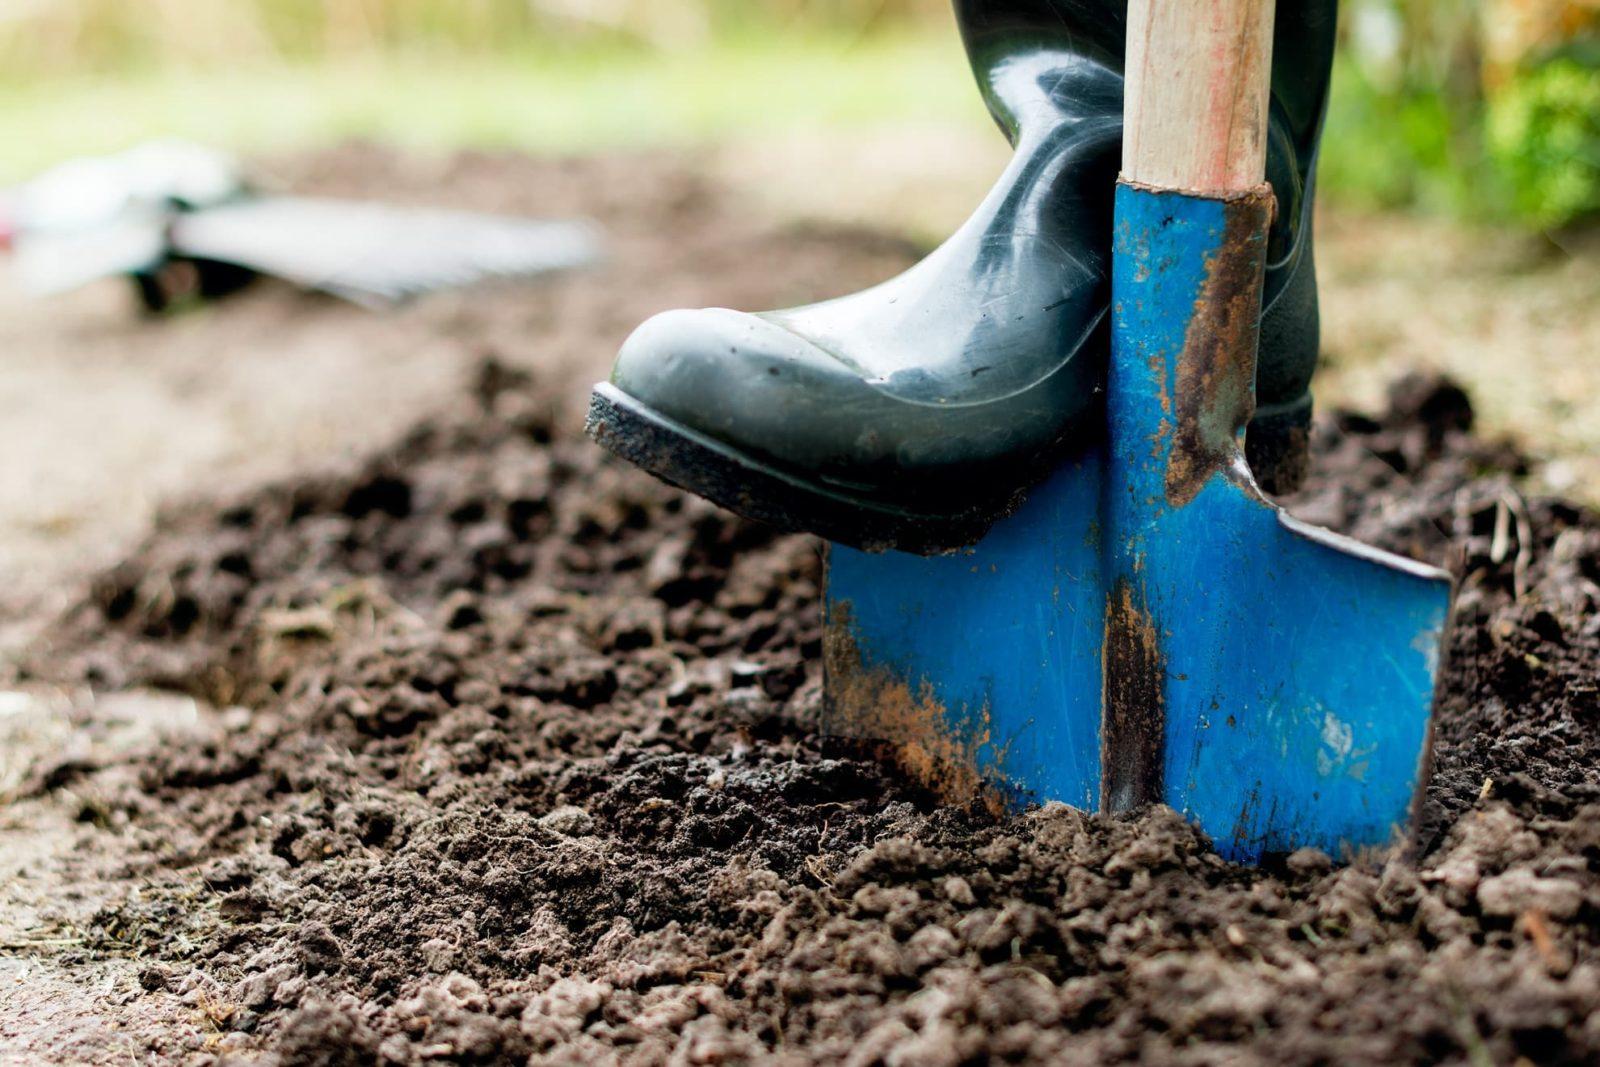 boots push shovel into soil